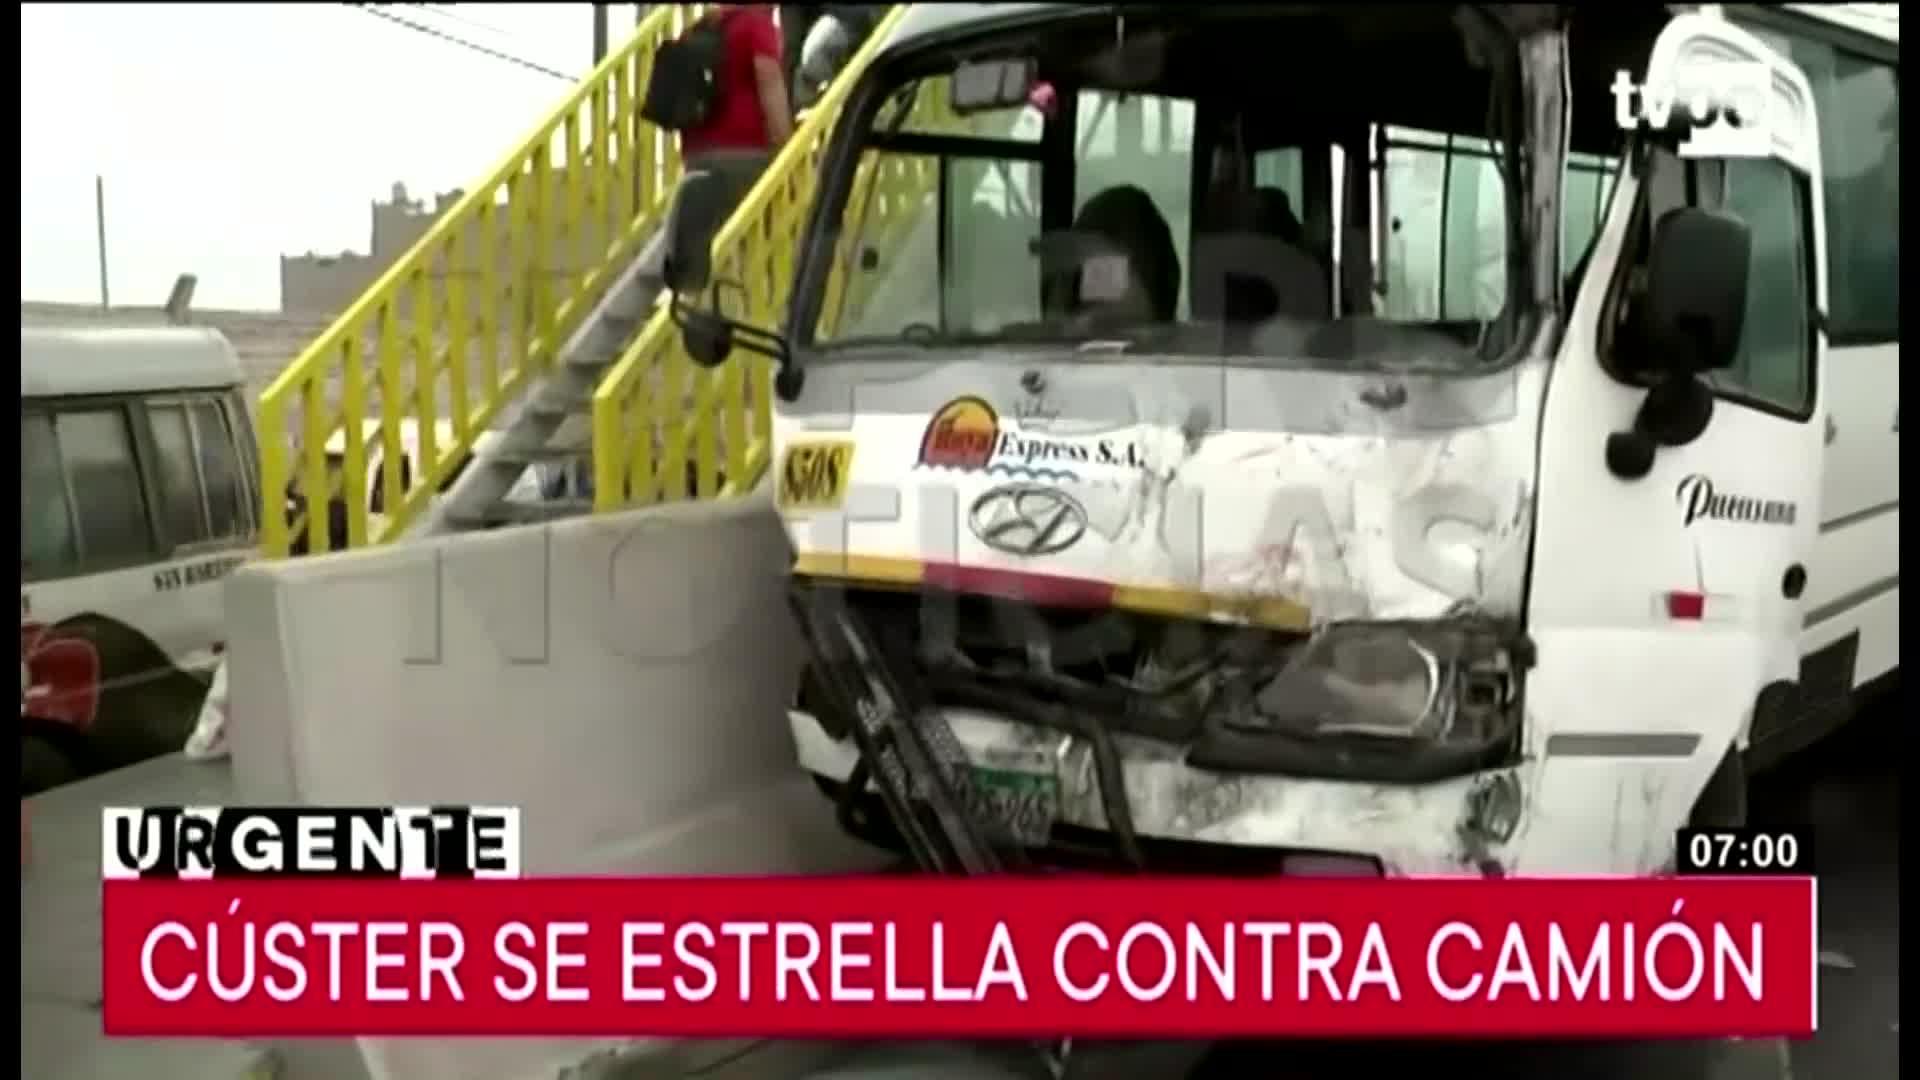 Cúster se estrella contra camión a la altura del puente Atocongo